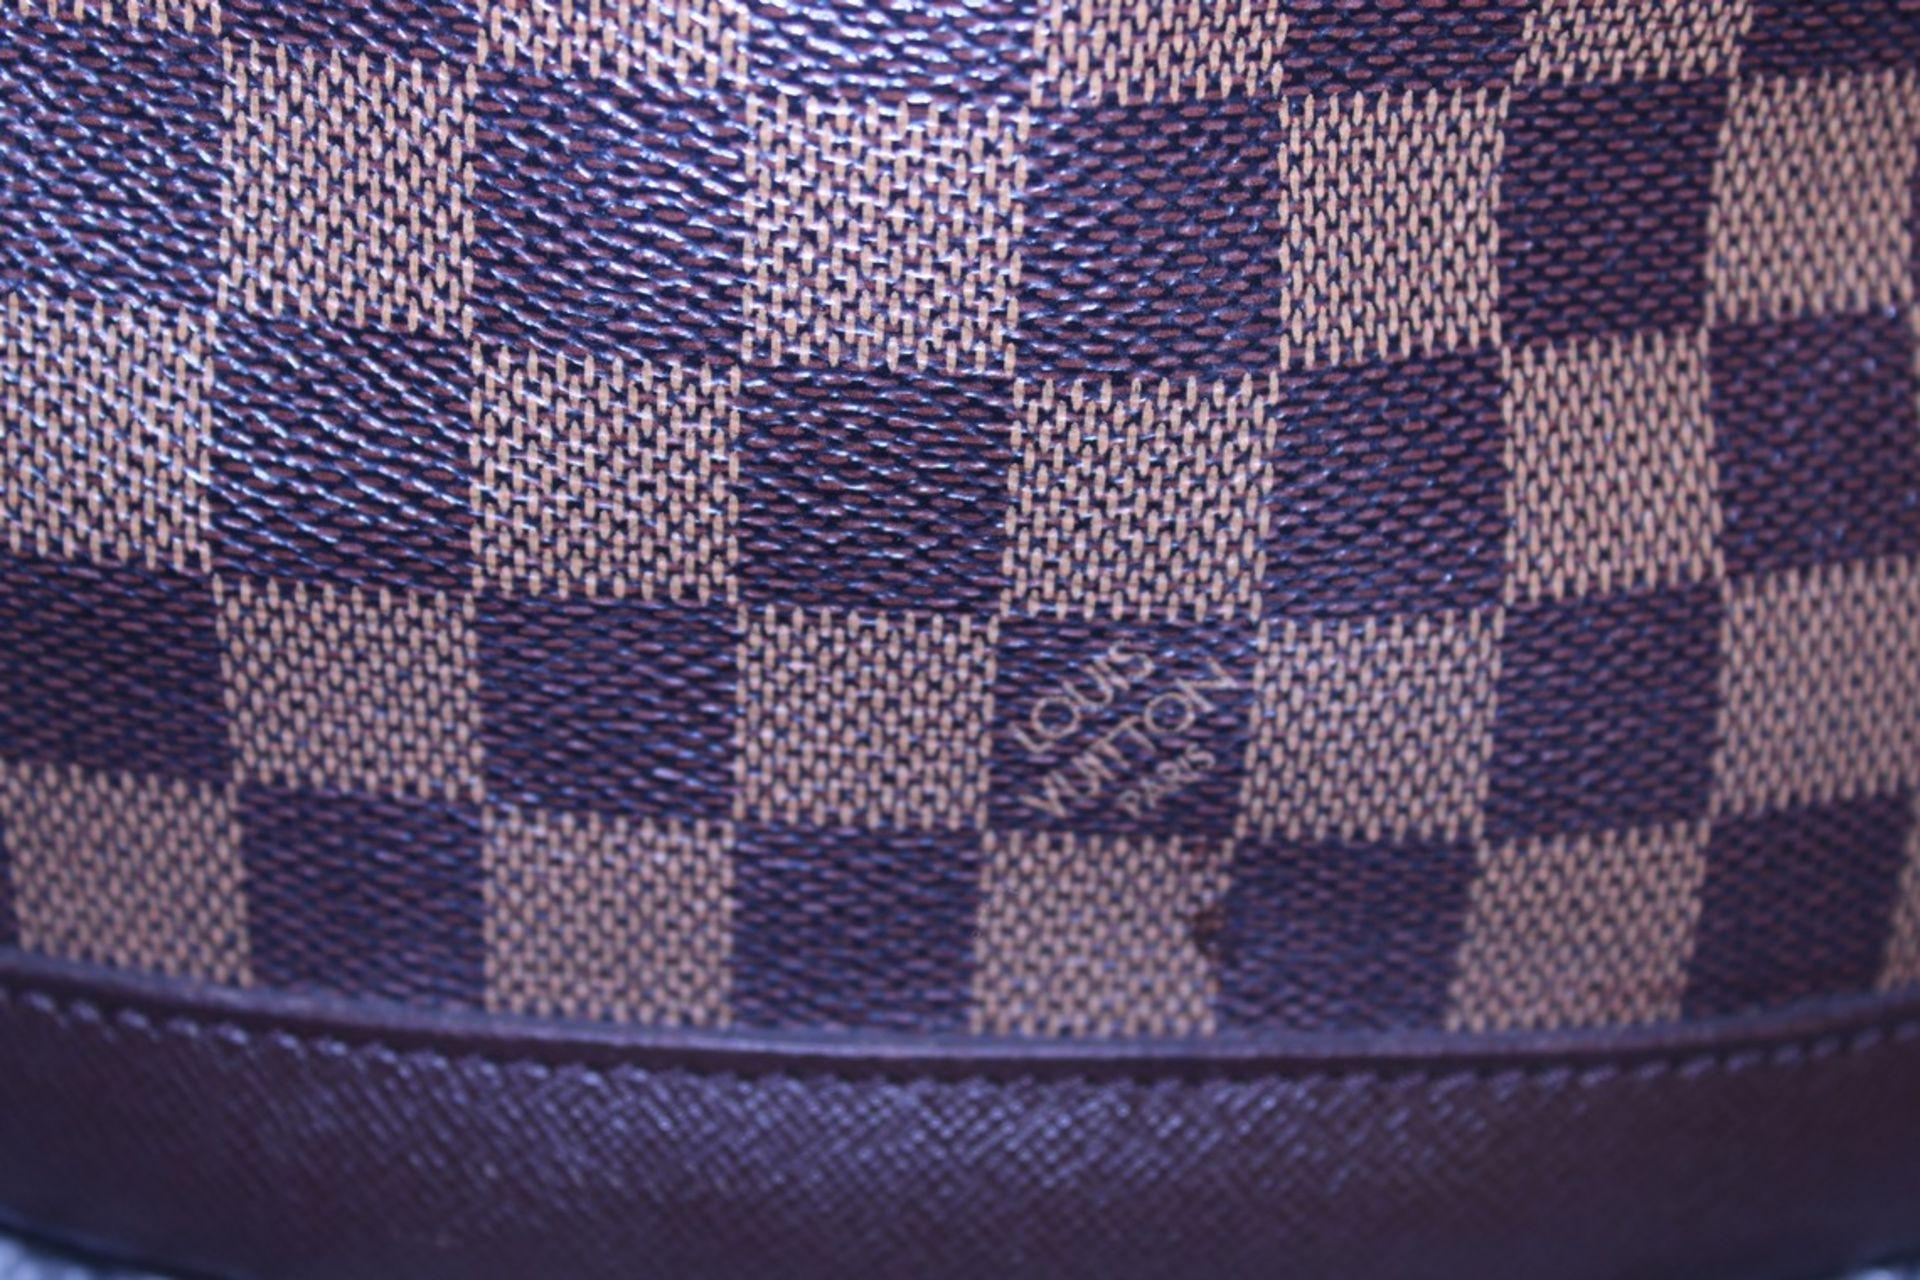 RRP £1,200 Louis Vuitton Marais Handbag, Brown Coated Canvas 23X24X16Cm (Production Code Sp0013) - Image 3 of 3